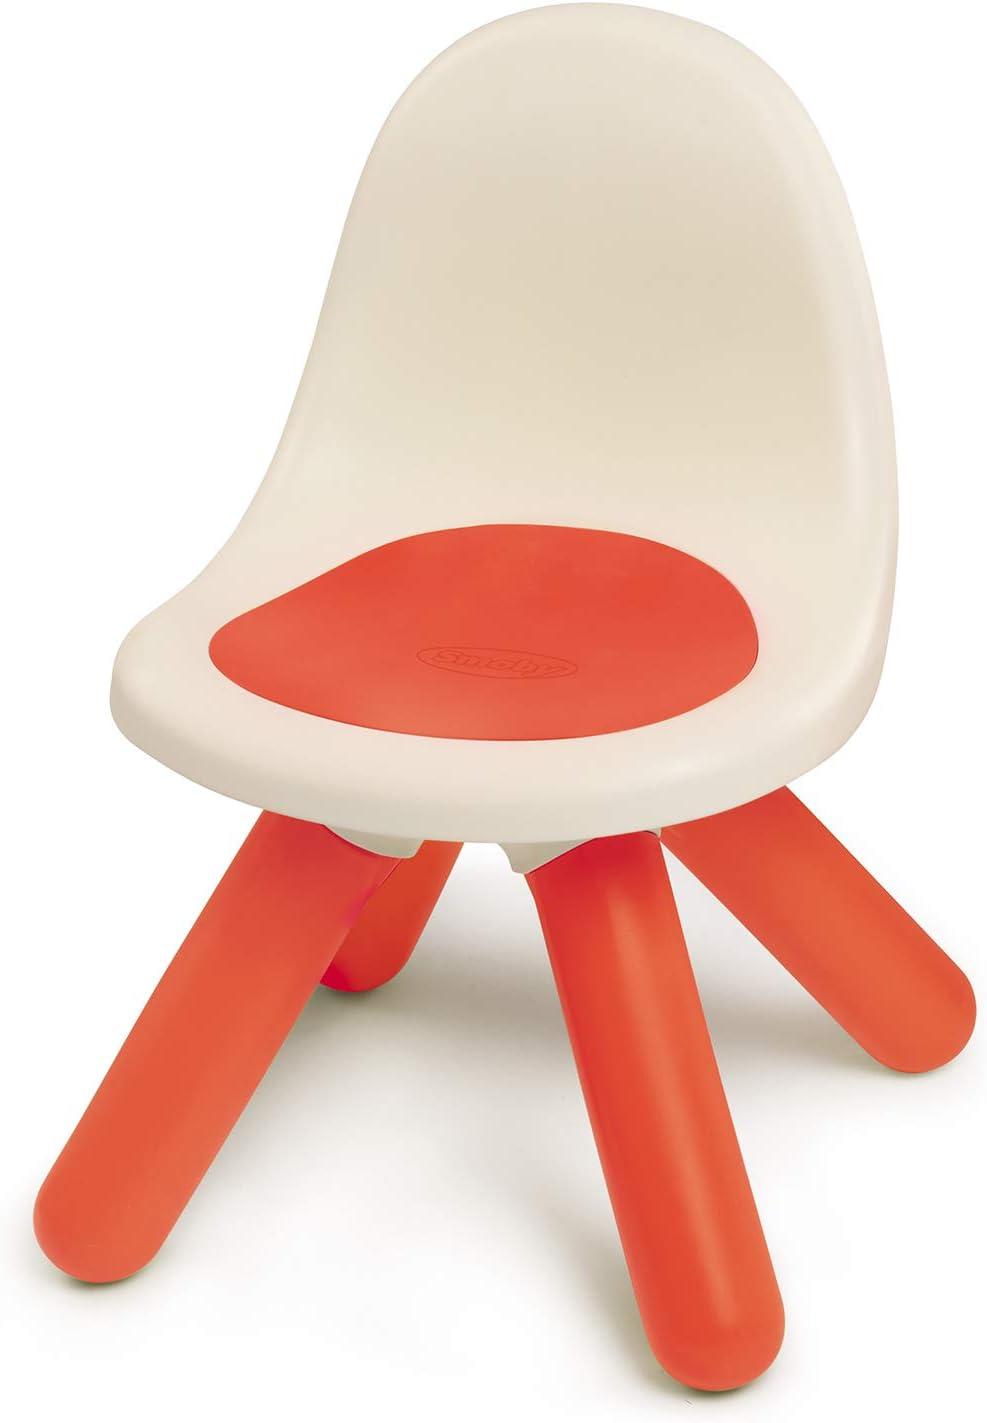 Smoby Kid - Silla infantil, plástico, con respaldo para habitación infantil o para casa de juegos Smoby, color rojo (880103)